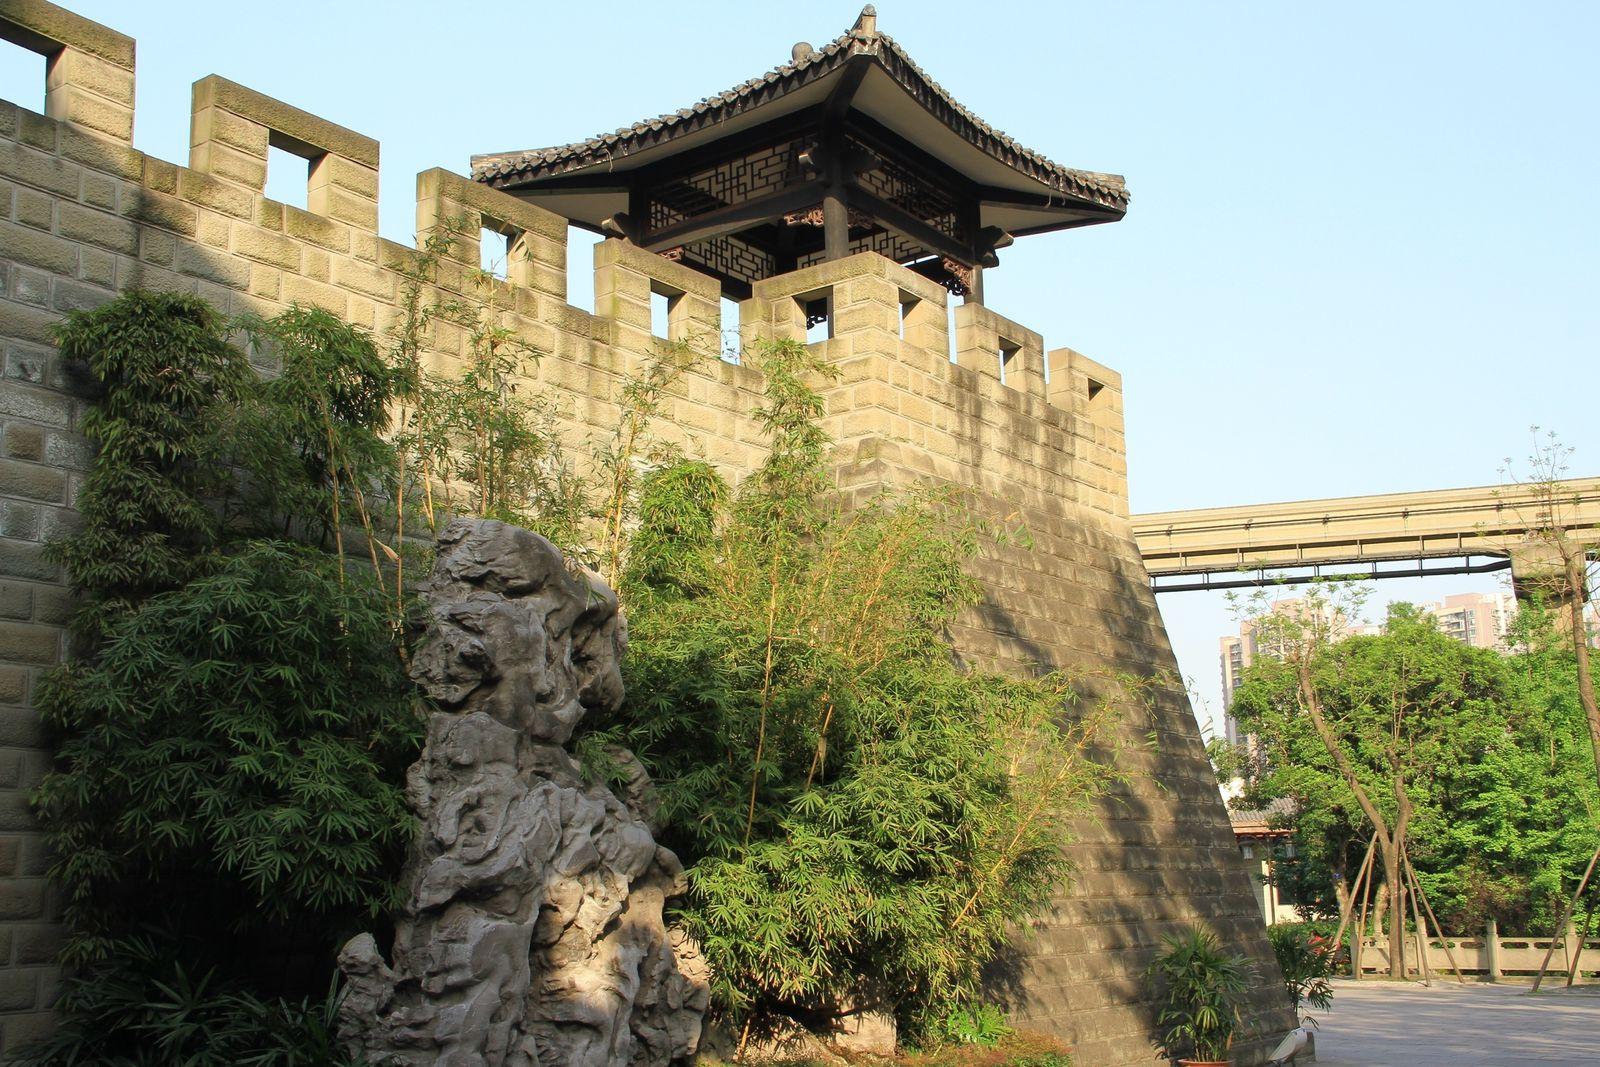 Le parc de la vertue chinoise (中华美德公园).